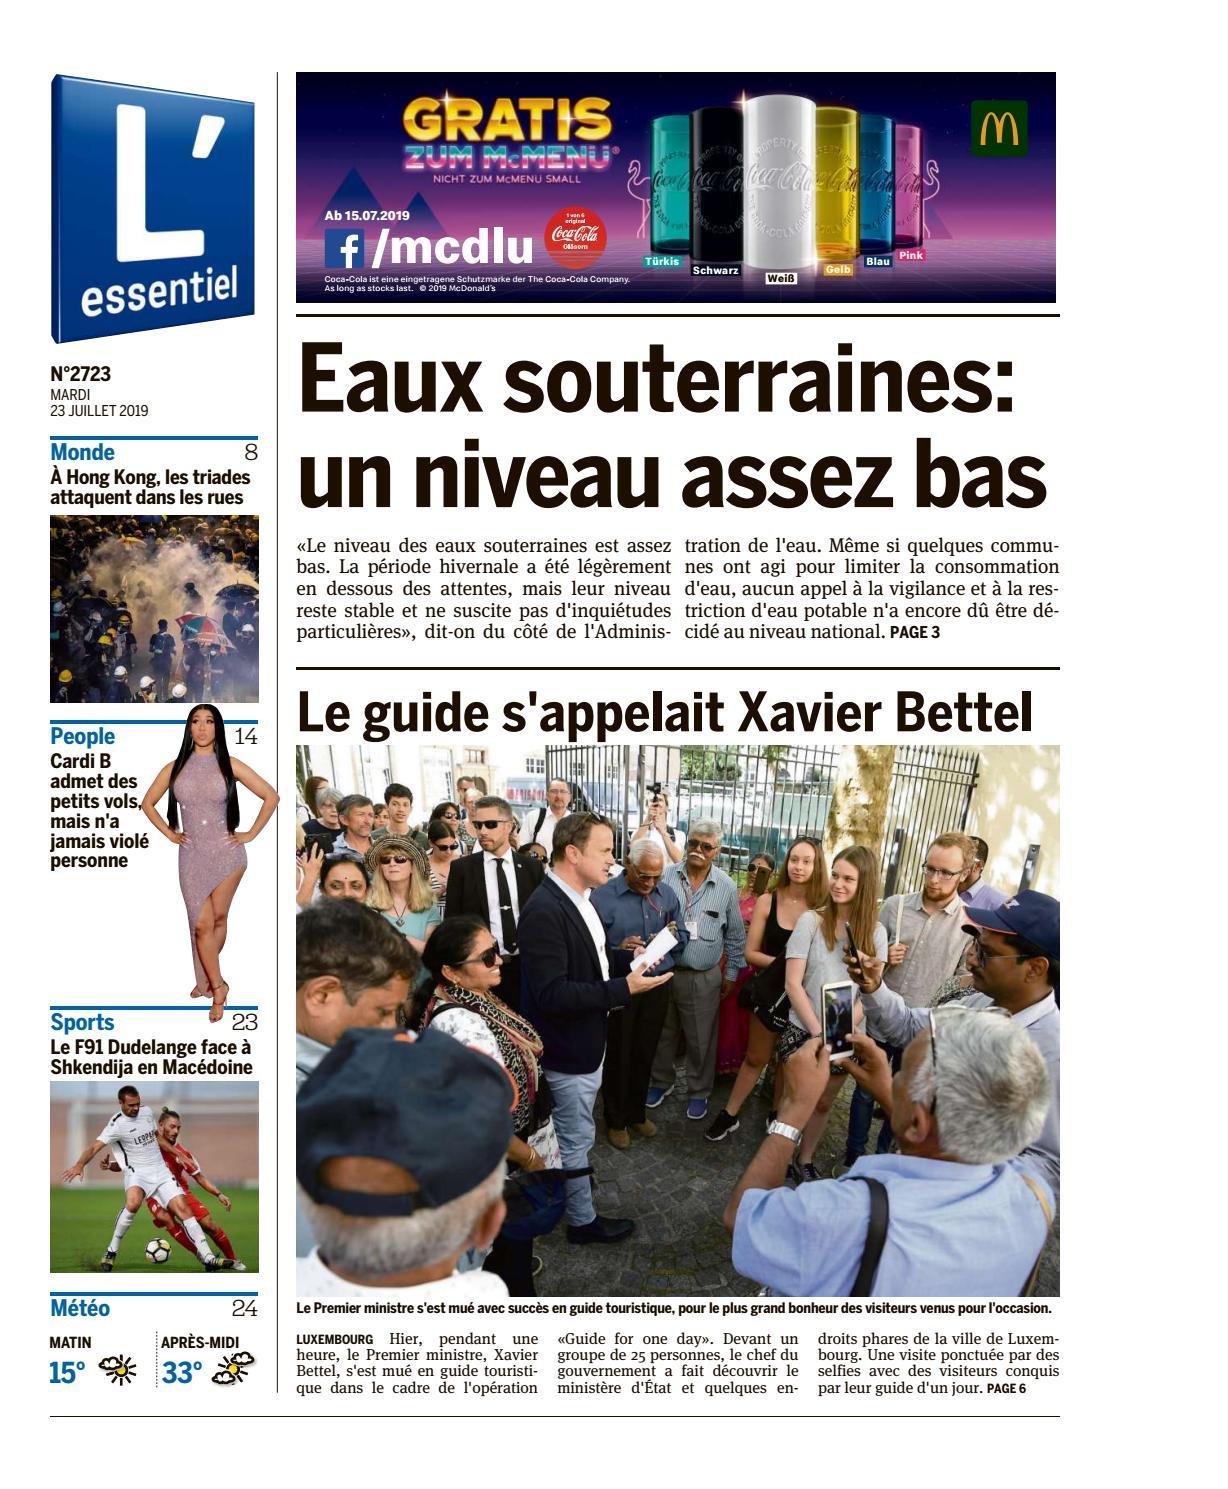 23 L'essentiel 07 2019 Epaper Issuu By OPZuwkXilT